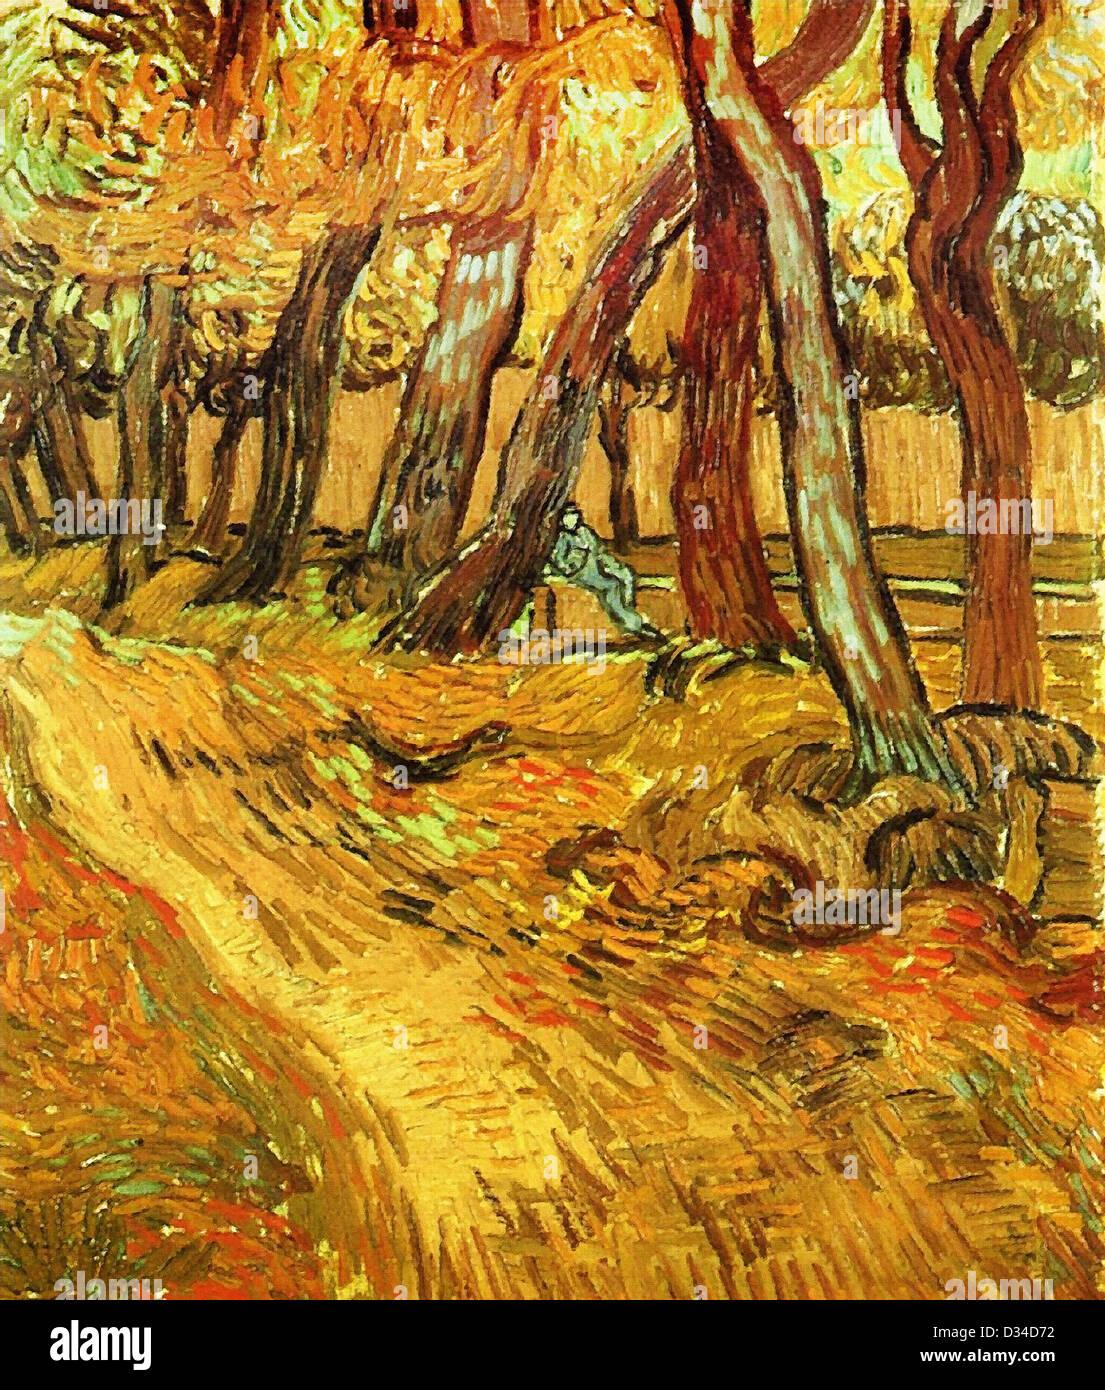 Vincent Van Gogh, der Garten von Saint-Paul-Hospital mit Abbildung. 1889. Post-Impressionismus. Öl auf Leinwand. Stockbild